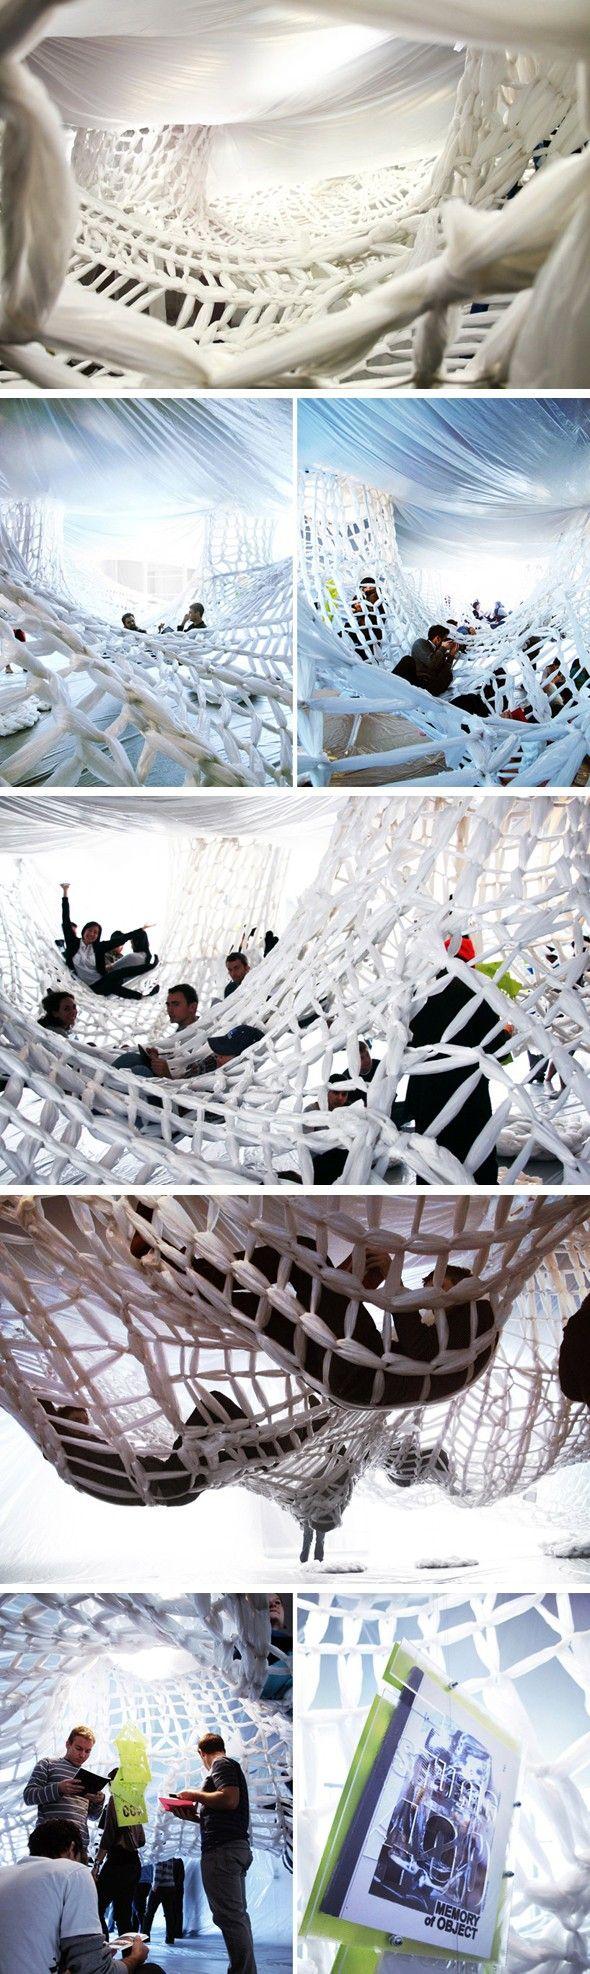 Voici quelques images de l'installation « white book », réalisée par studio 400.